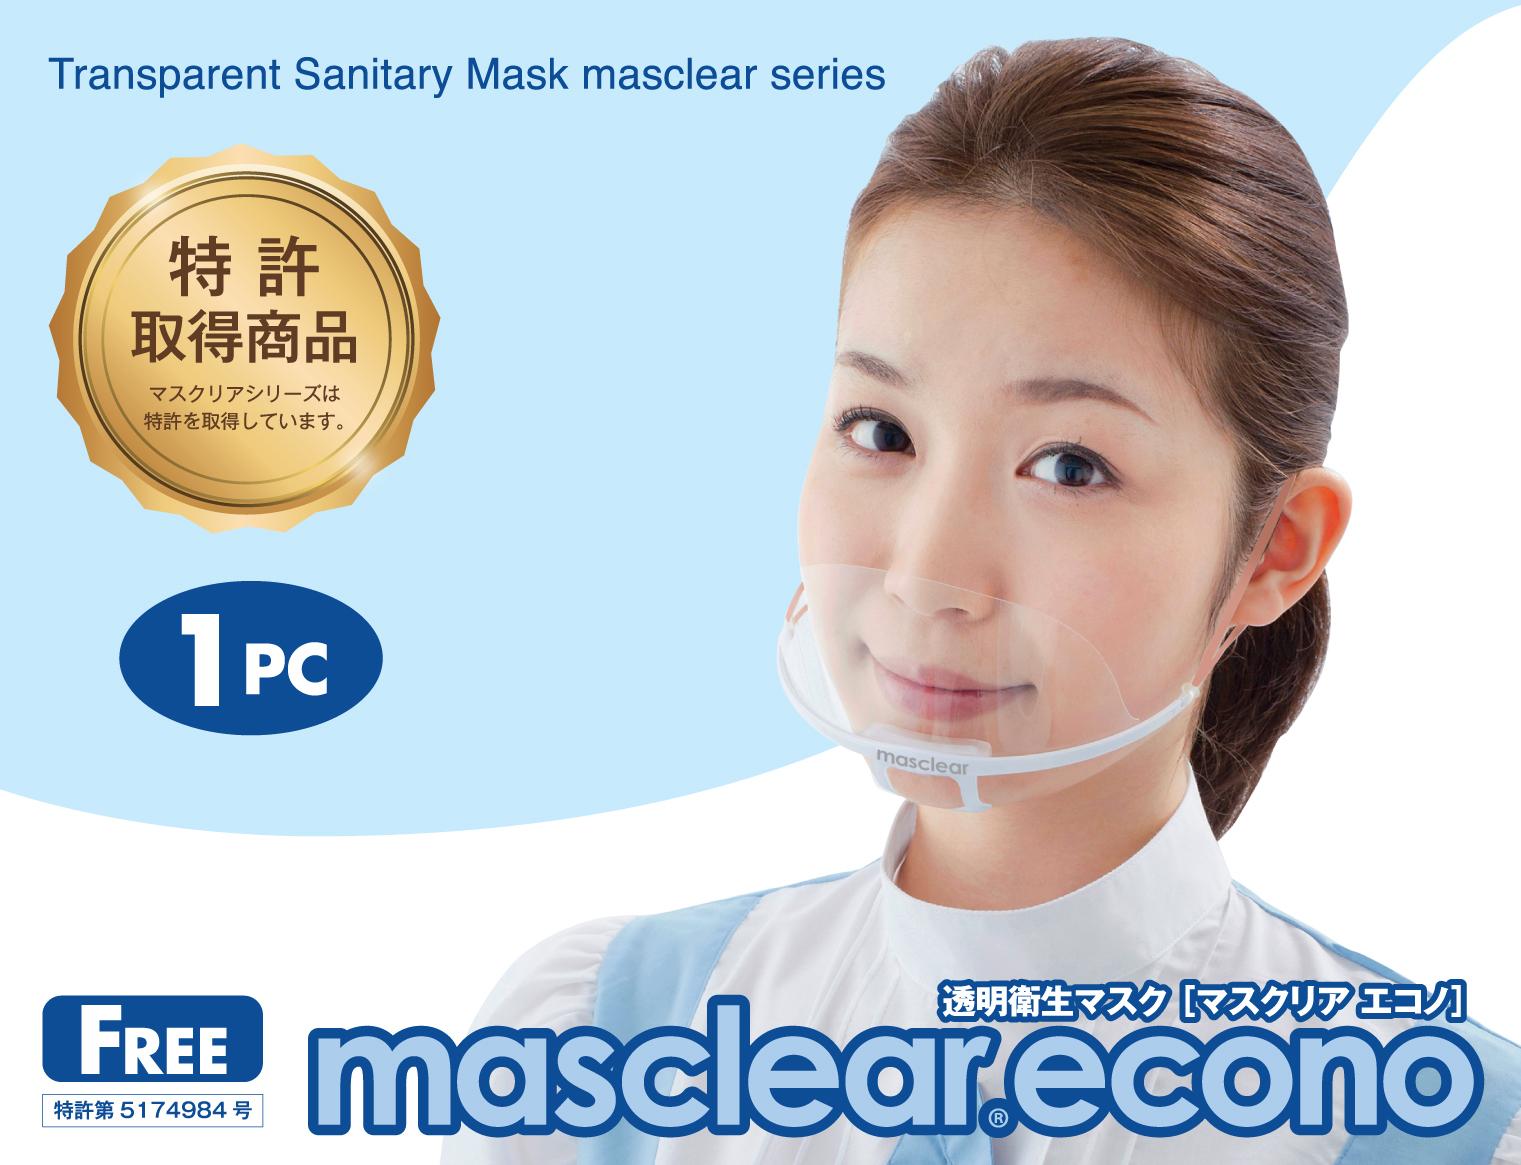 マスクリア エコノ (1個入り)【国産品質は透明度が違い、曇らないから清潔感が段違いです】